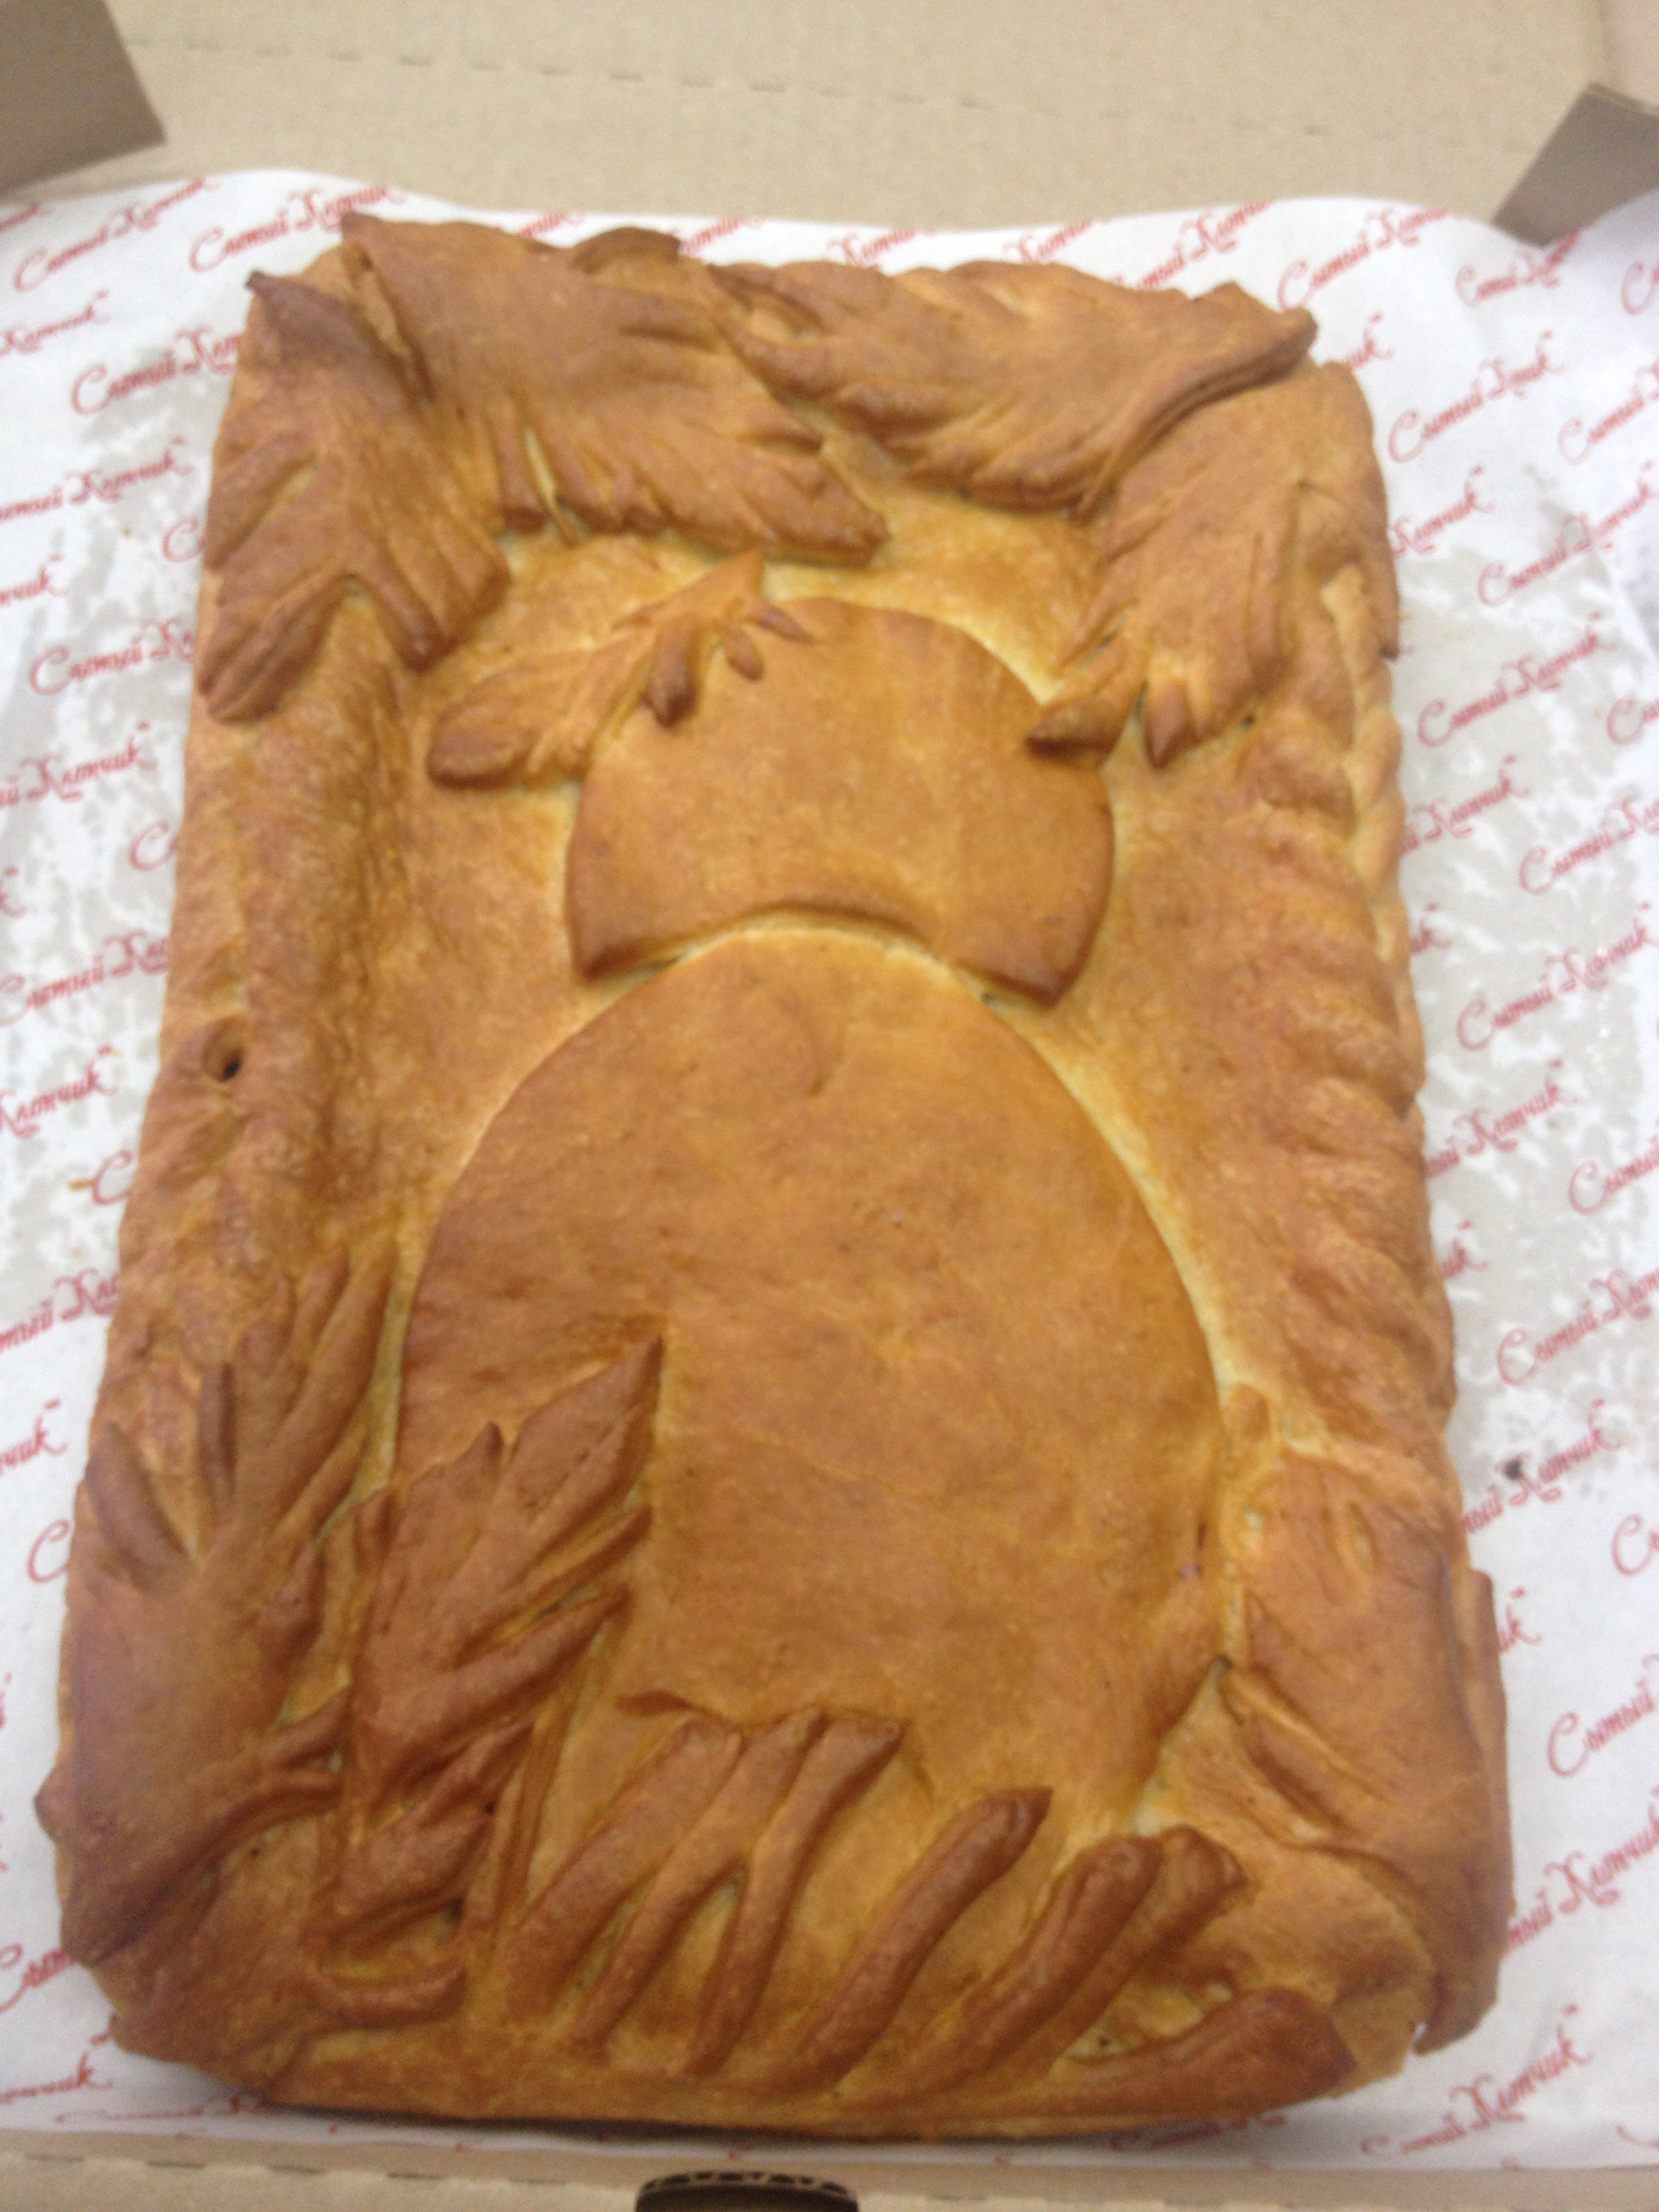 карта мира сытый хлопчик екатеринбург пироги есть